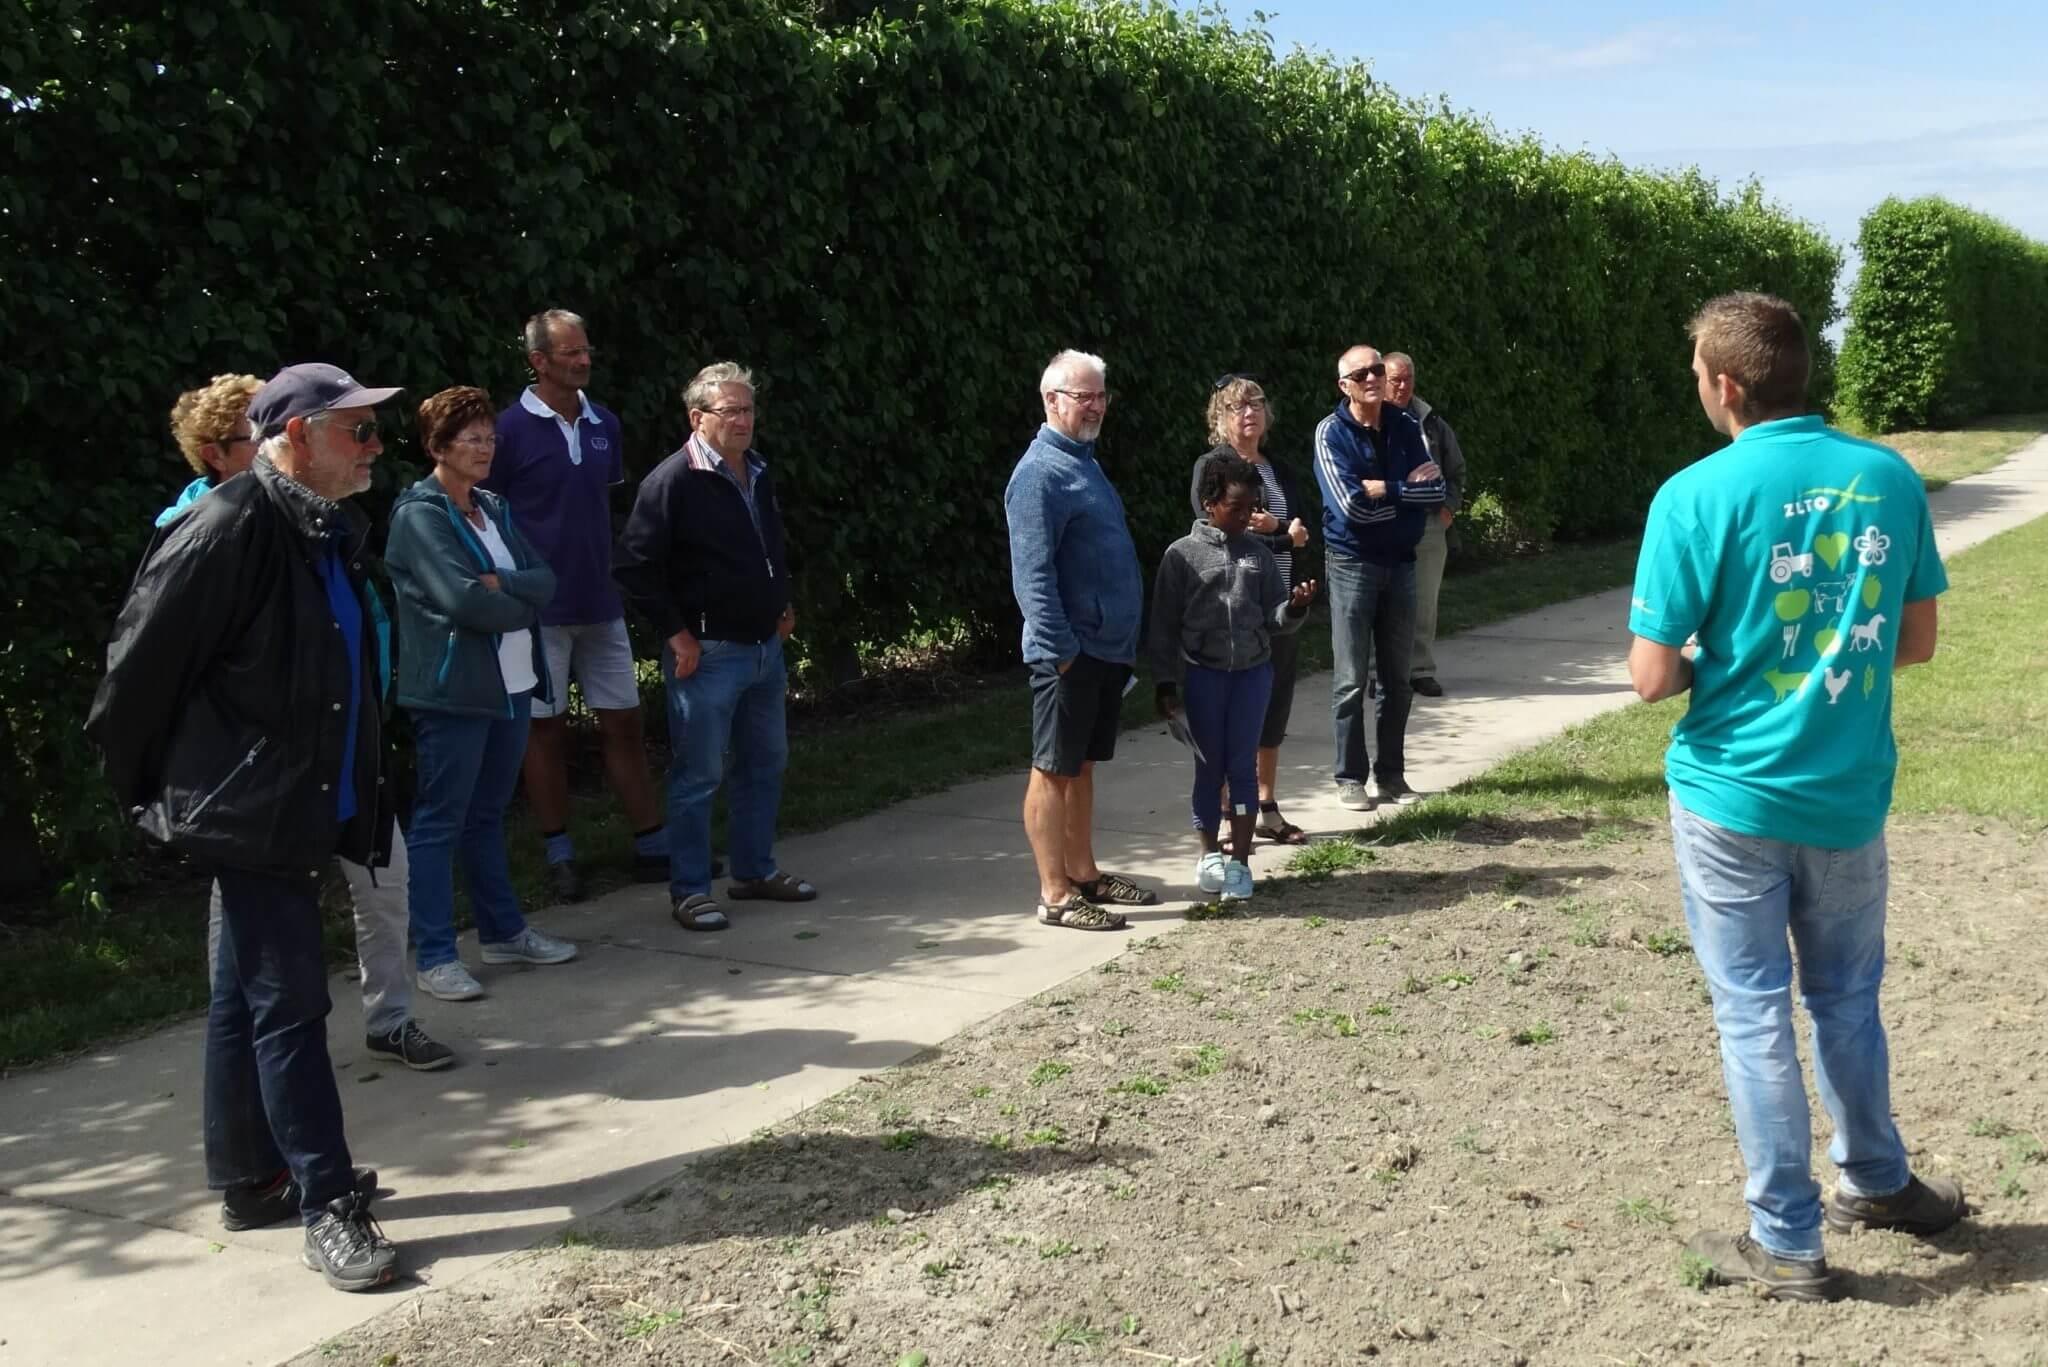 Fruitbedrijf Van den Berge_Buurten bij de Boer_rondleiding boomgaard2